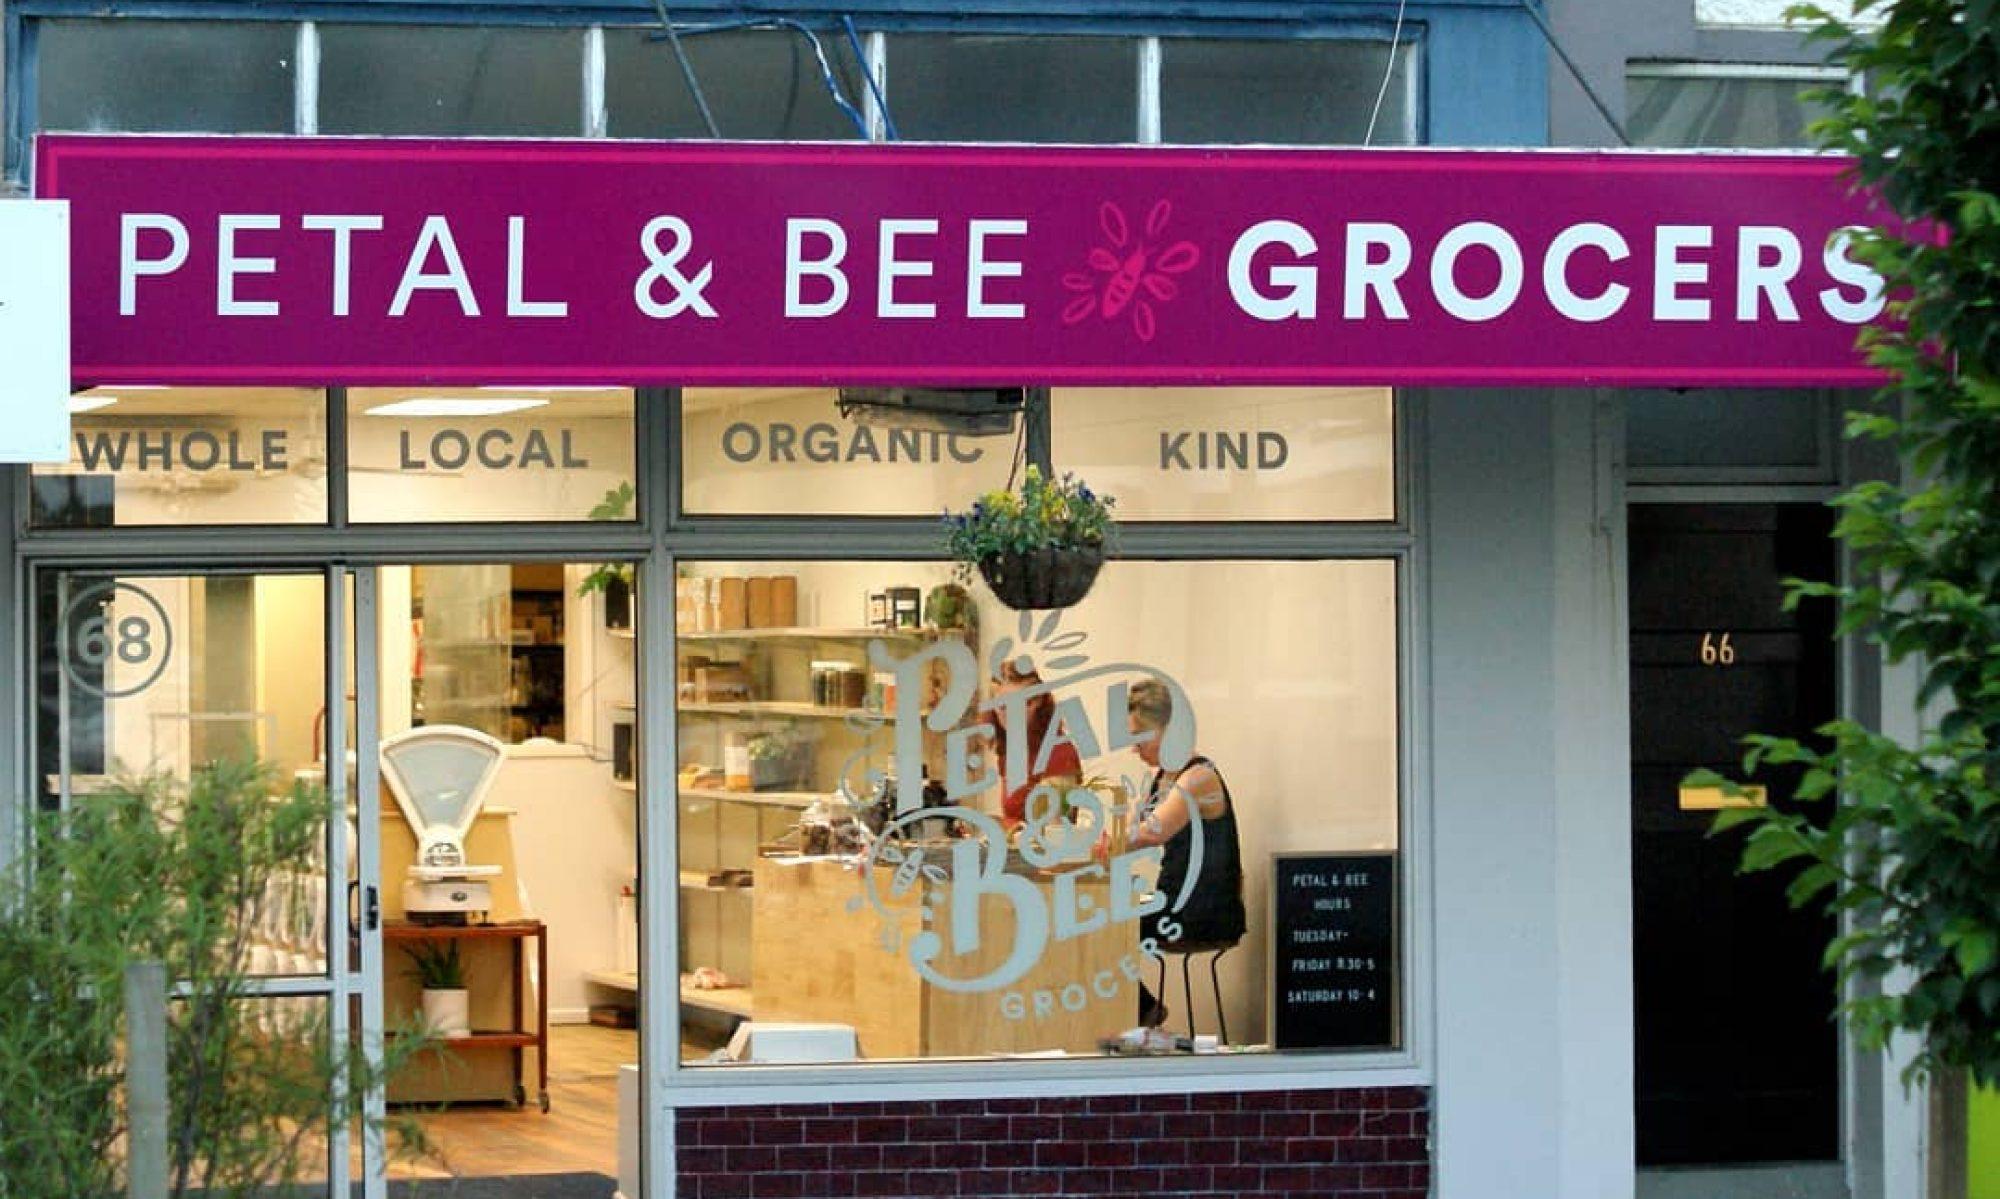 PETAL & BEE GROCERS